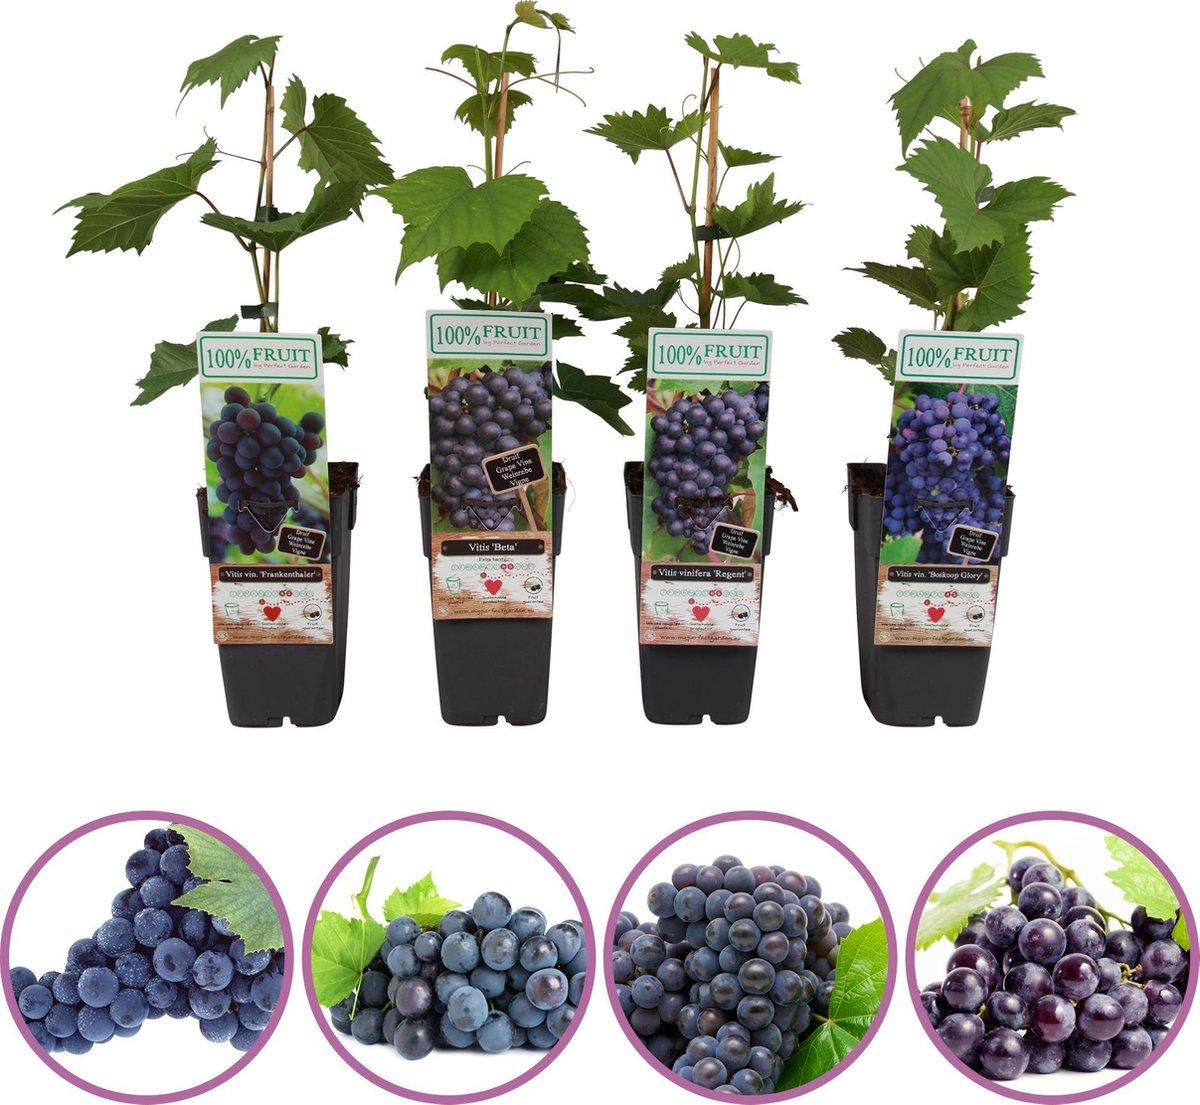 Blauwe druiven fruitplanten mix - set van 4 verschillende blauwe druiven - hoogte 50-60 cm - zelfbestuivend, winterhard